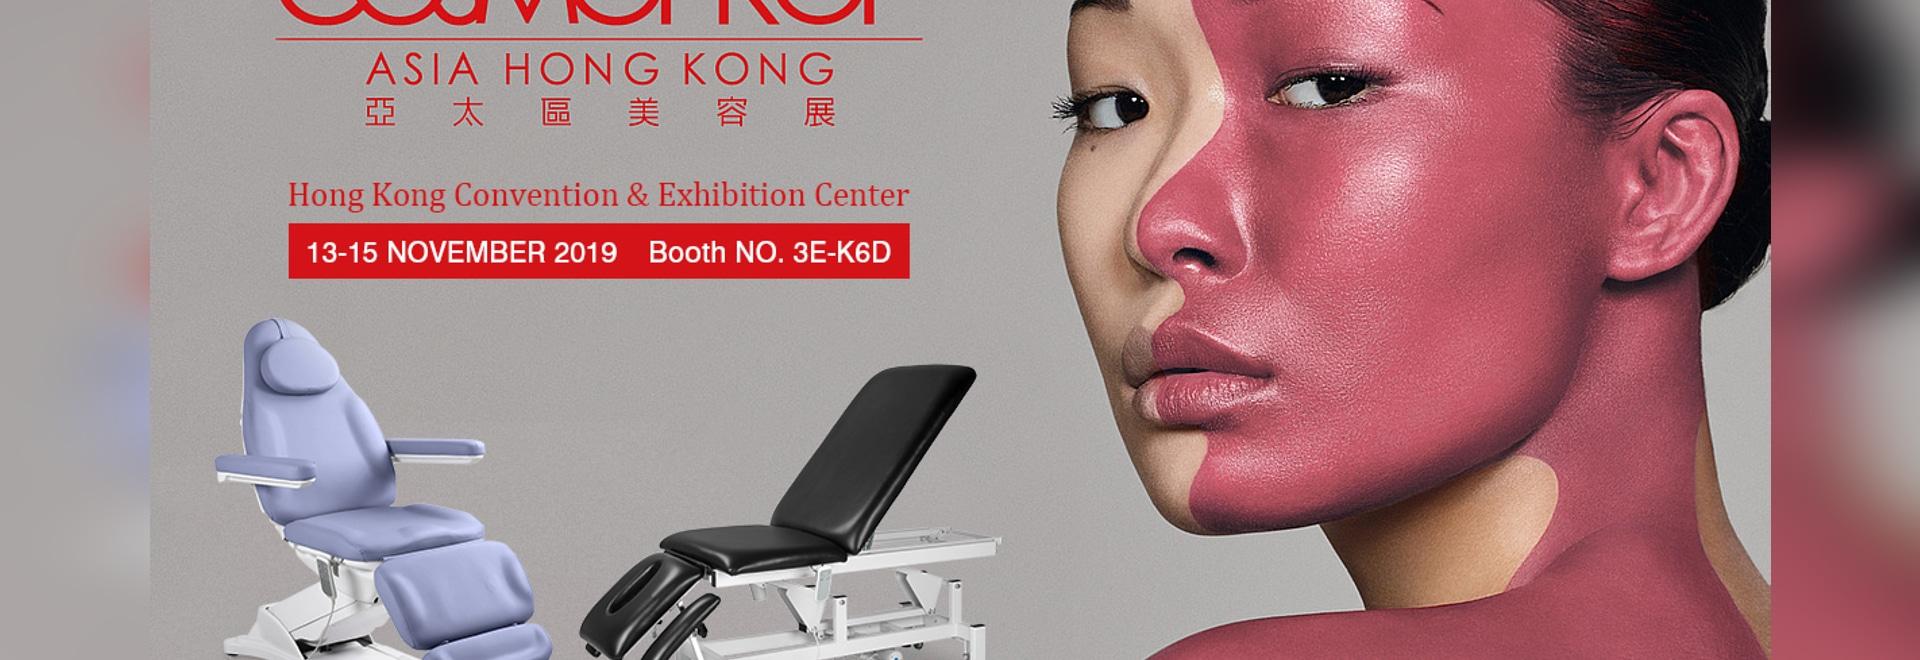 Cama de belleza eléctrica Dongpin / instrumento de belleza